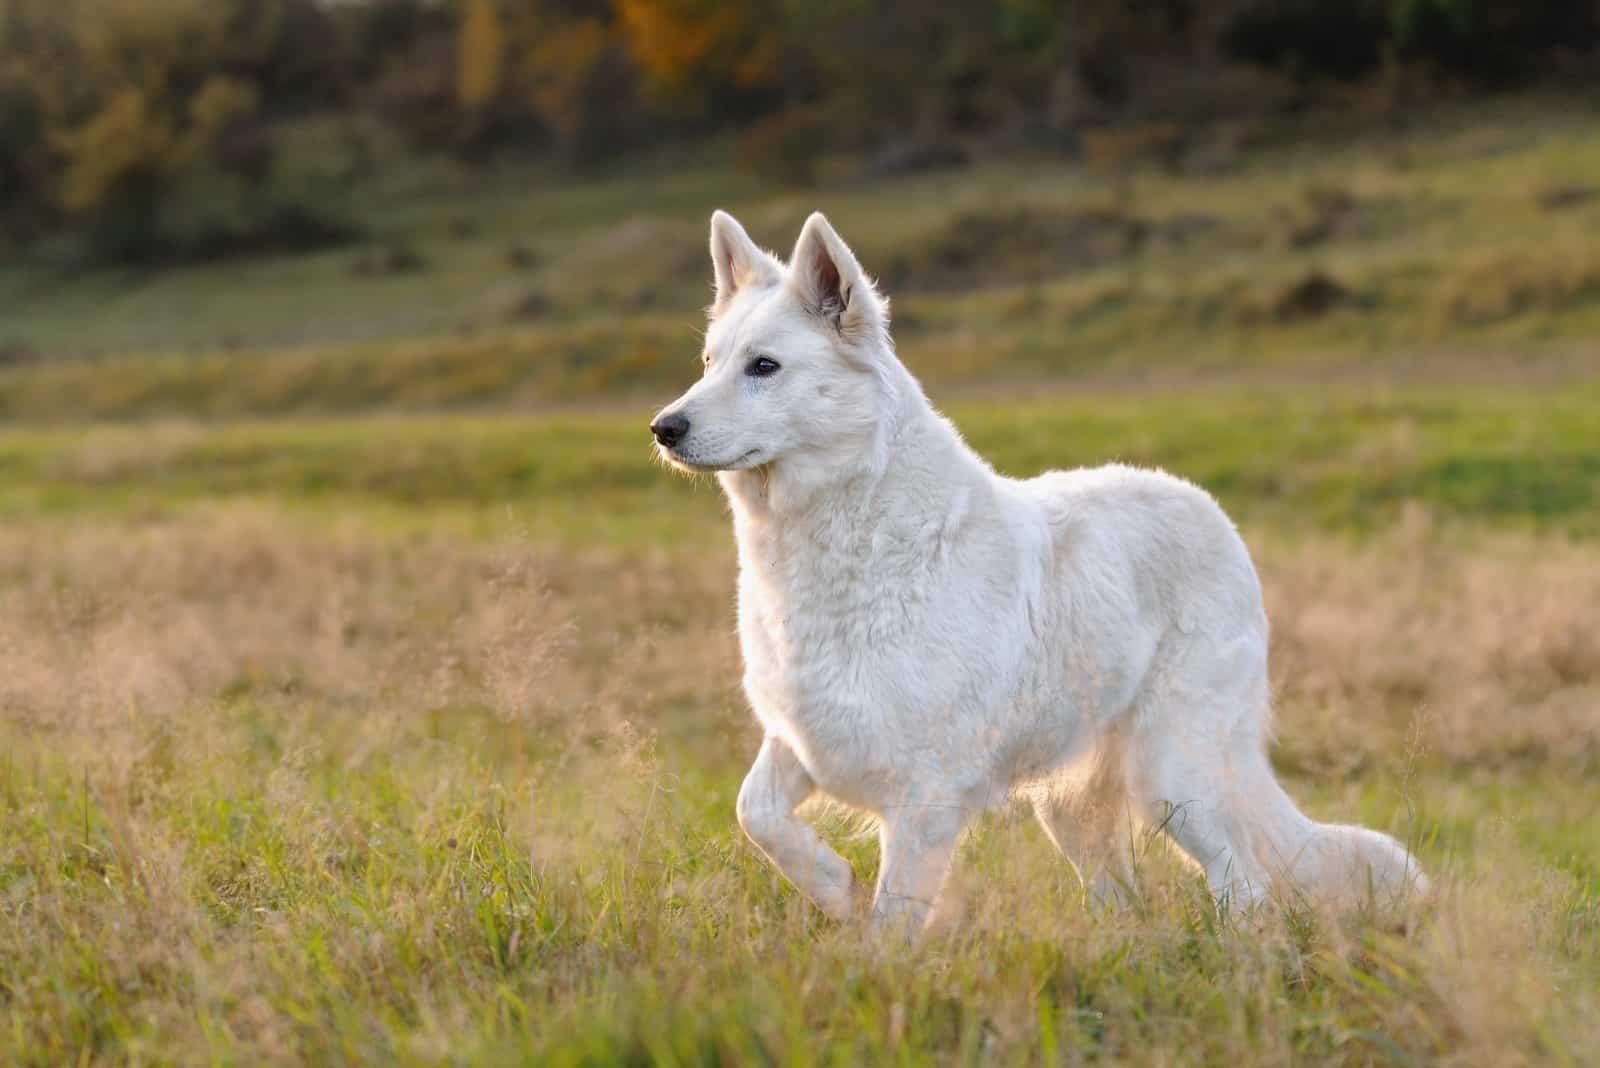 White Shepherds walks the field